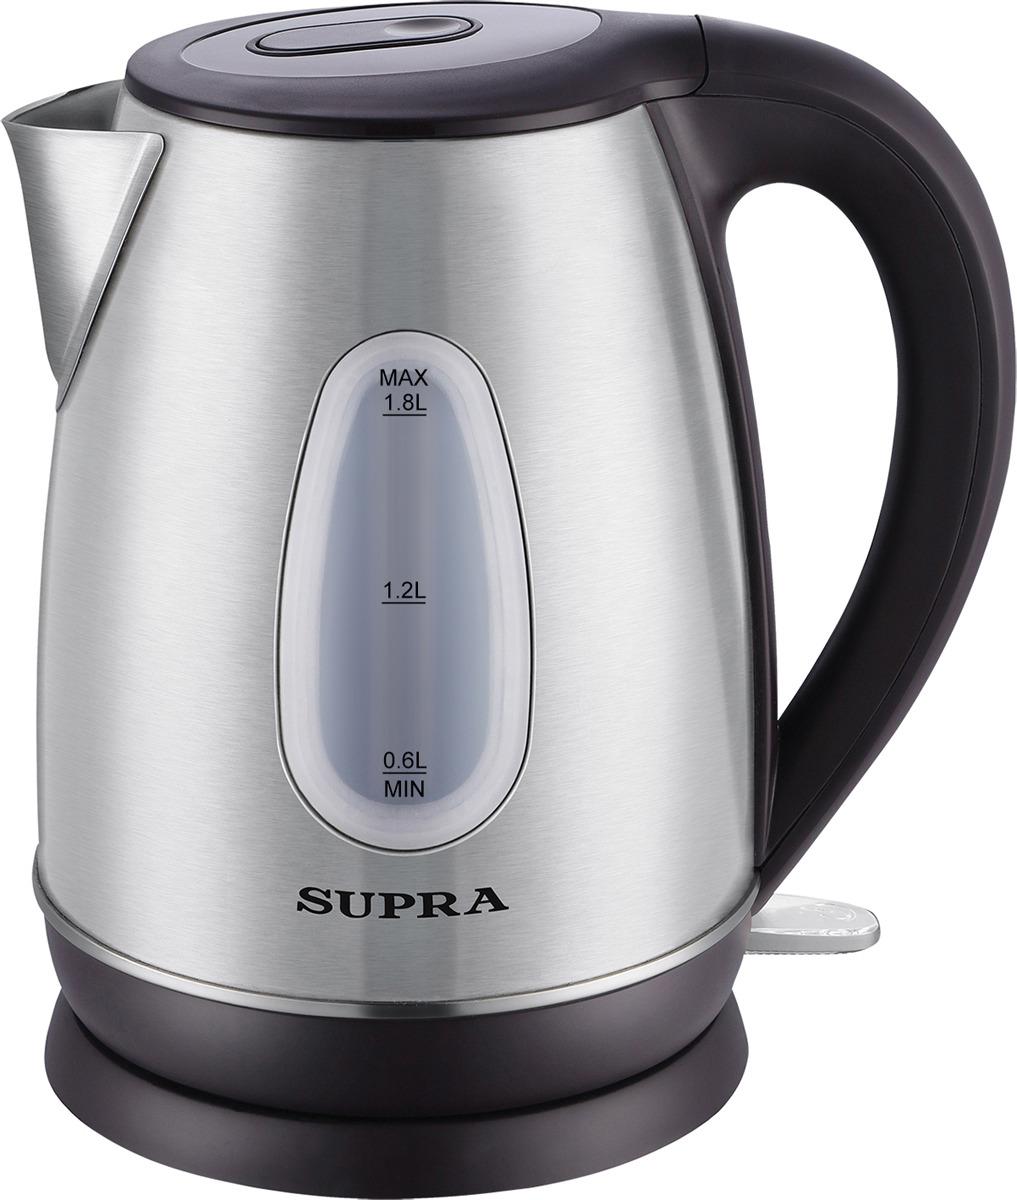 Чайник электрический Supra KES-1839W, черный, 1,8 л, 2200 Вт чайник электрический supra kes 1839w черный 1 8 л 2200 вт